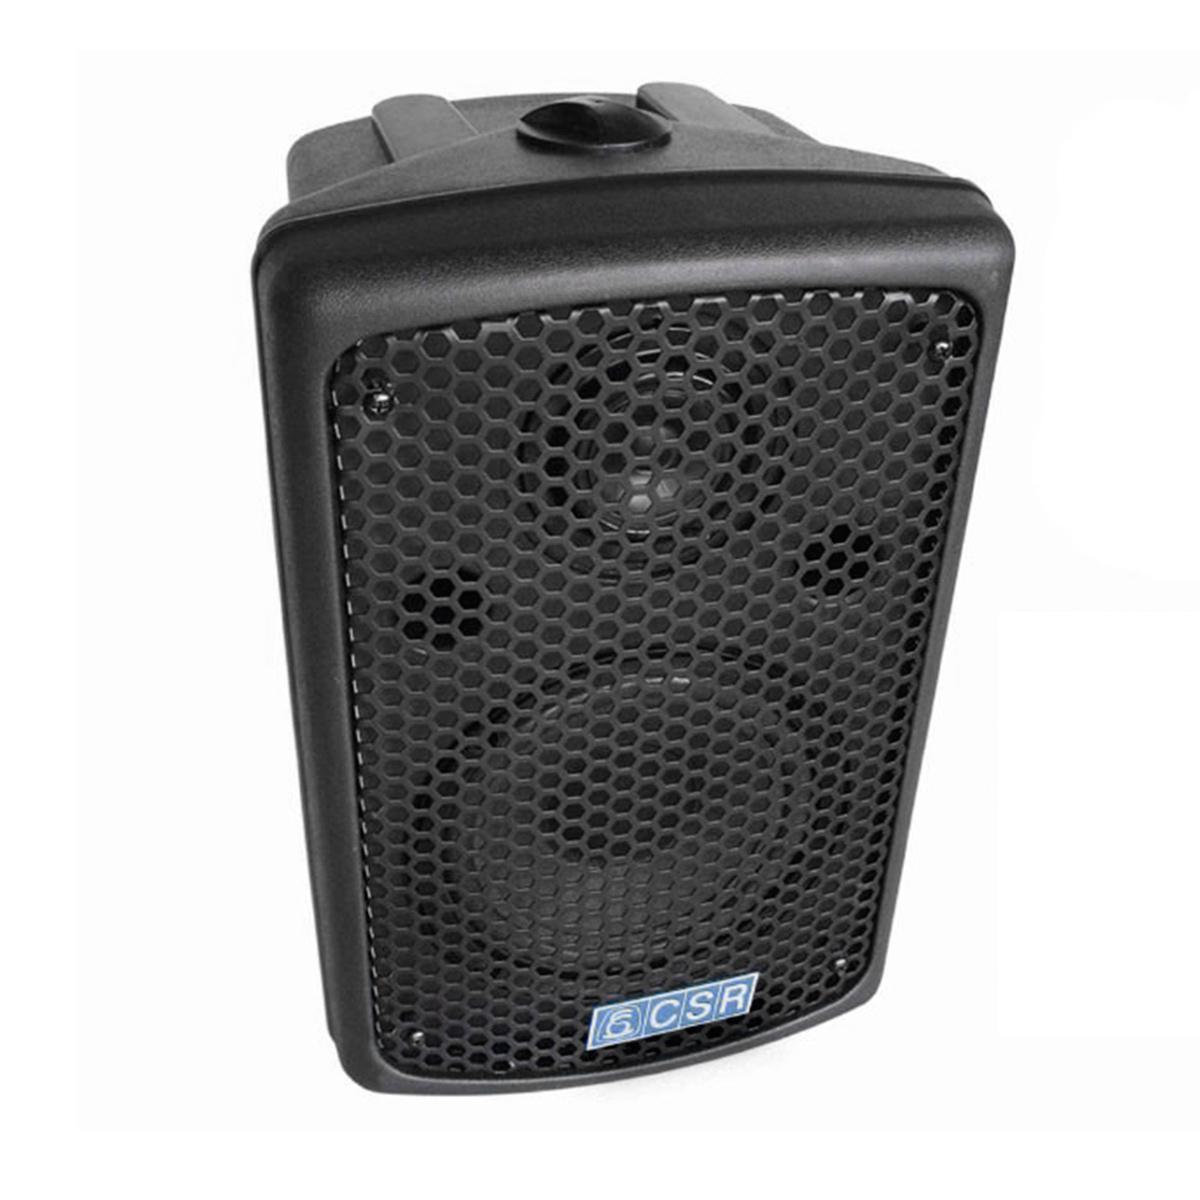 Caixa Passiva Fal 6 Pol 100W c/ Suporte - CSR 570